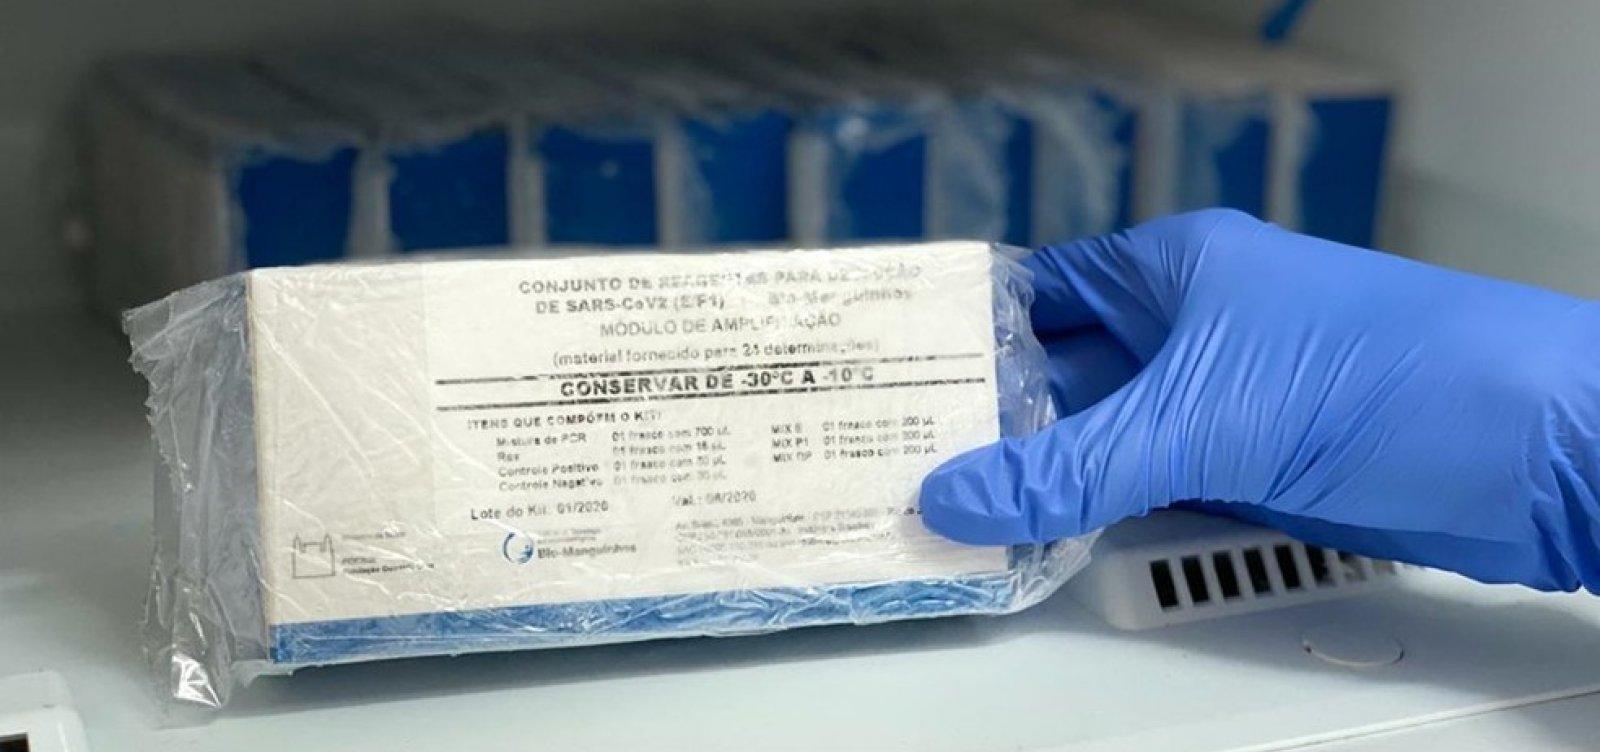 [Coronavírus: número de casos na Bahia sobe para 76]